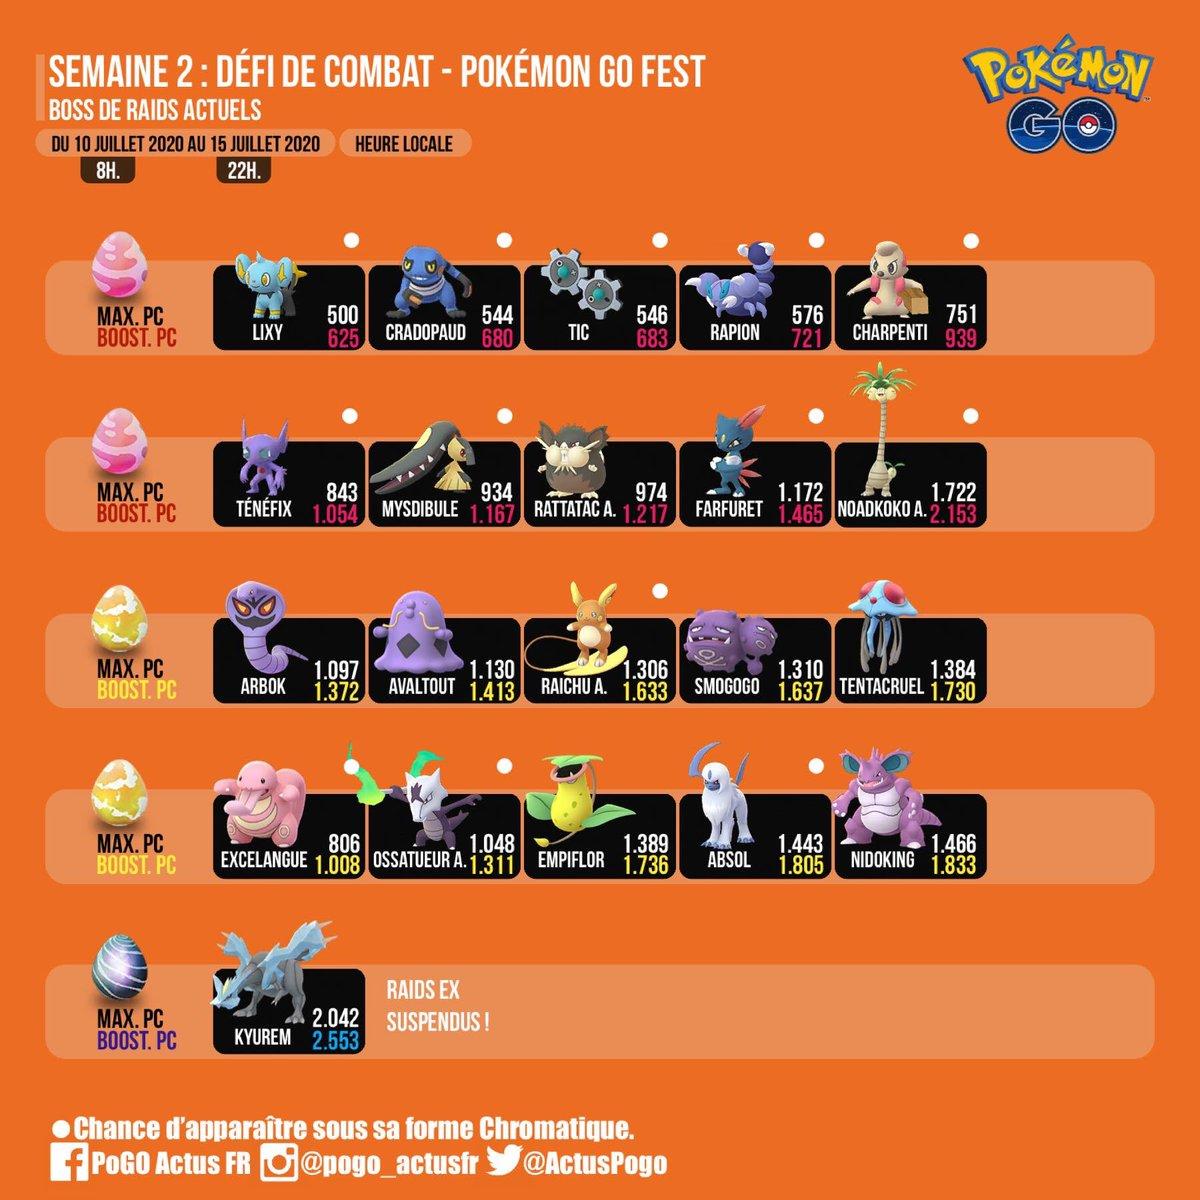 🎂 Semaine 2 : Défi de Combat et célébration du quatrième anniversaire de #PokemonGO 🥳  🔥 Boss de Raids actuels ! #Pokemon #PoGO #Battle #Kyurem #PokemonGOFest2020 #KyuremRaid https://t.co/AsPXigq46D